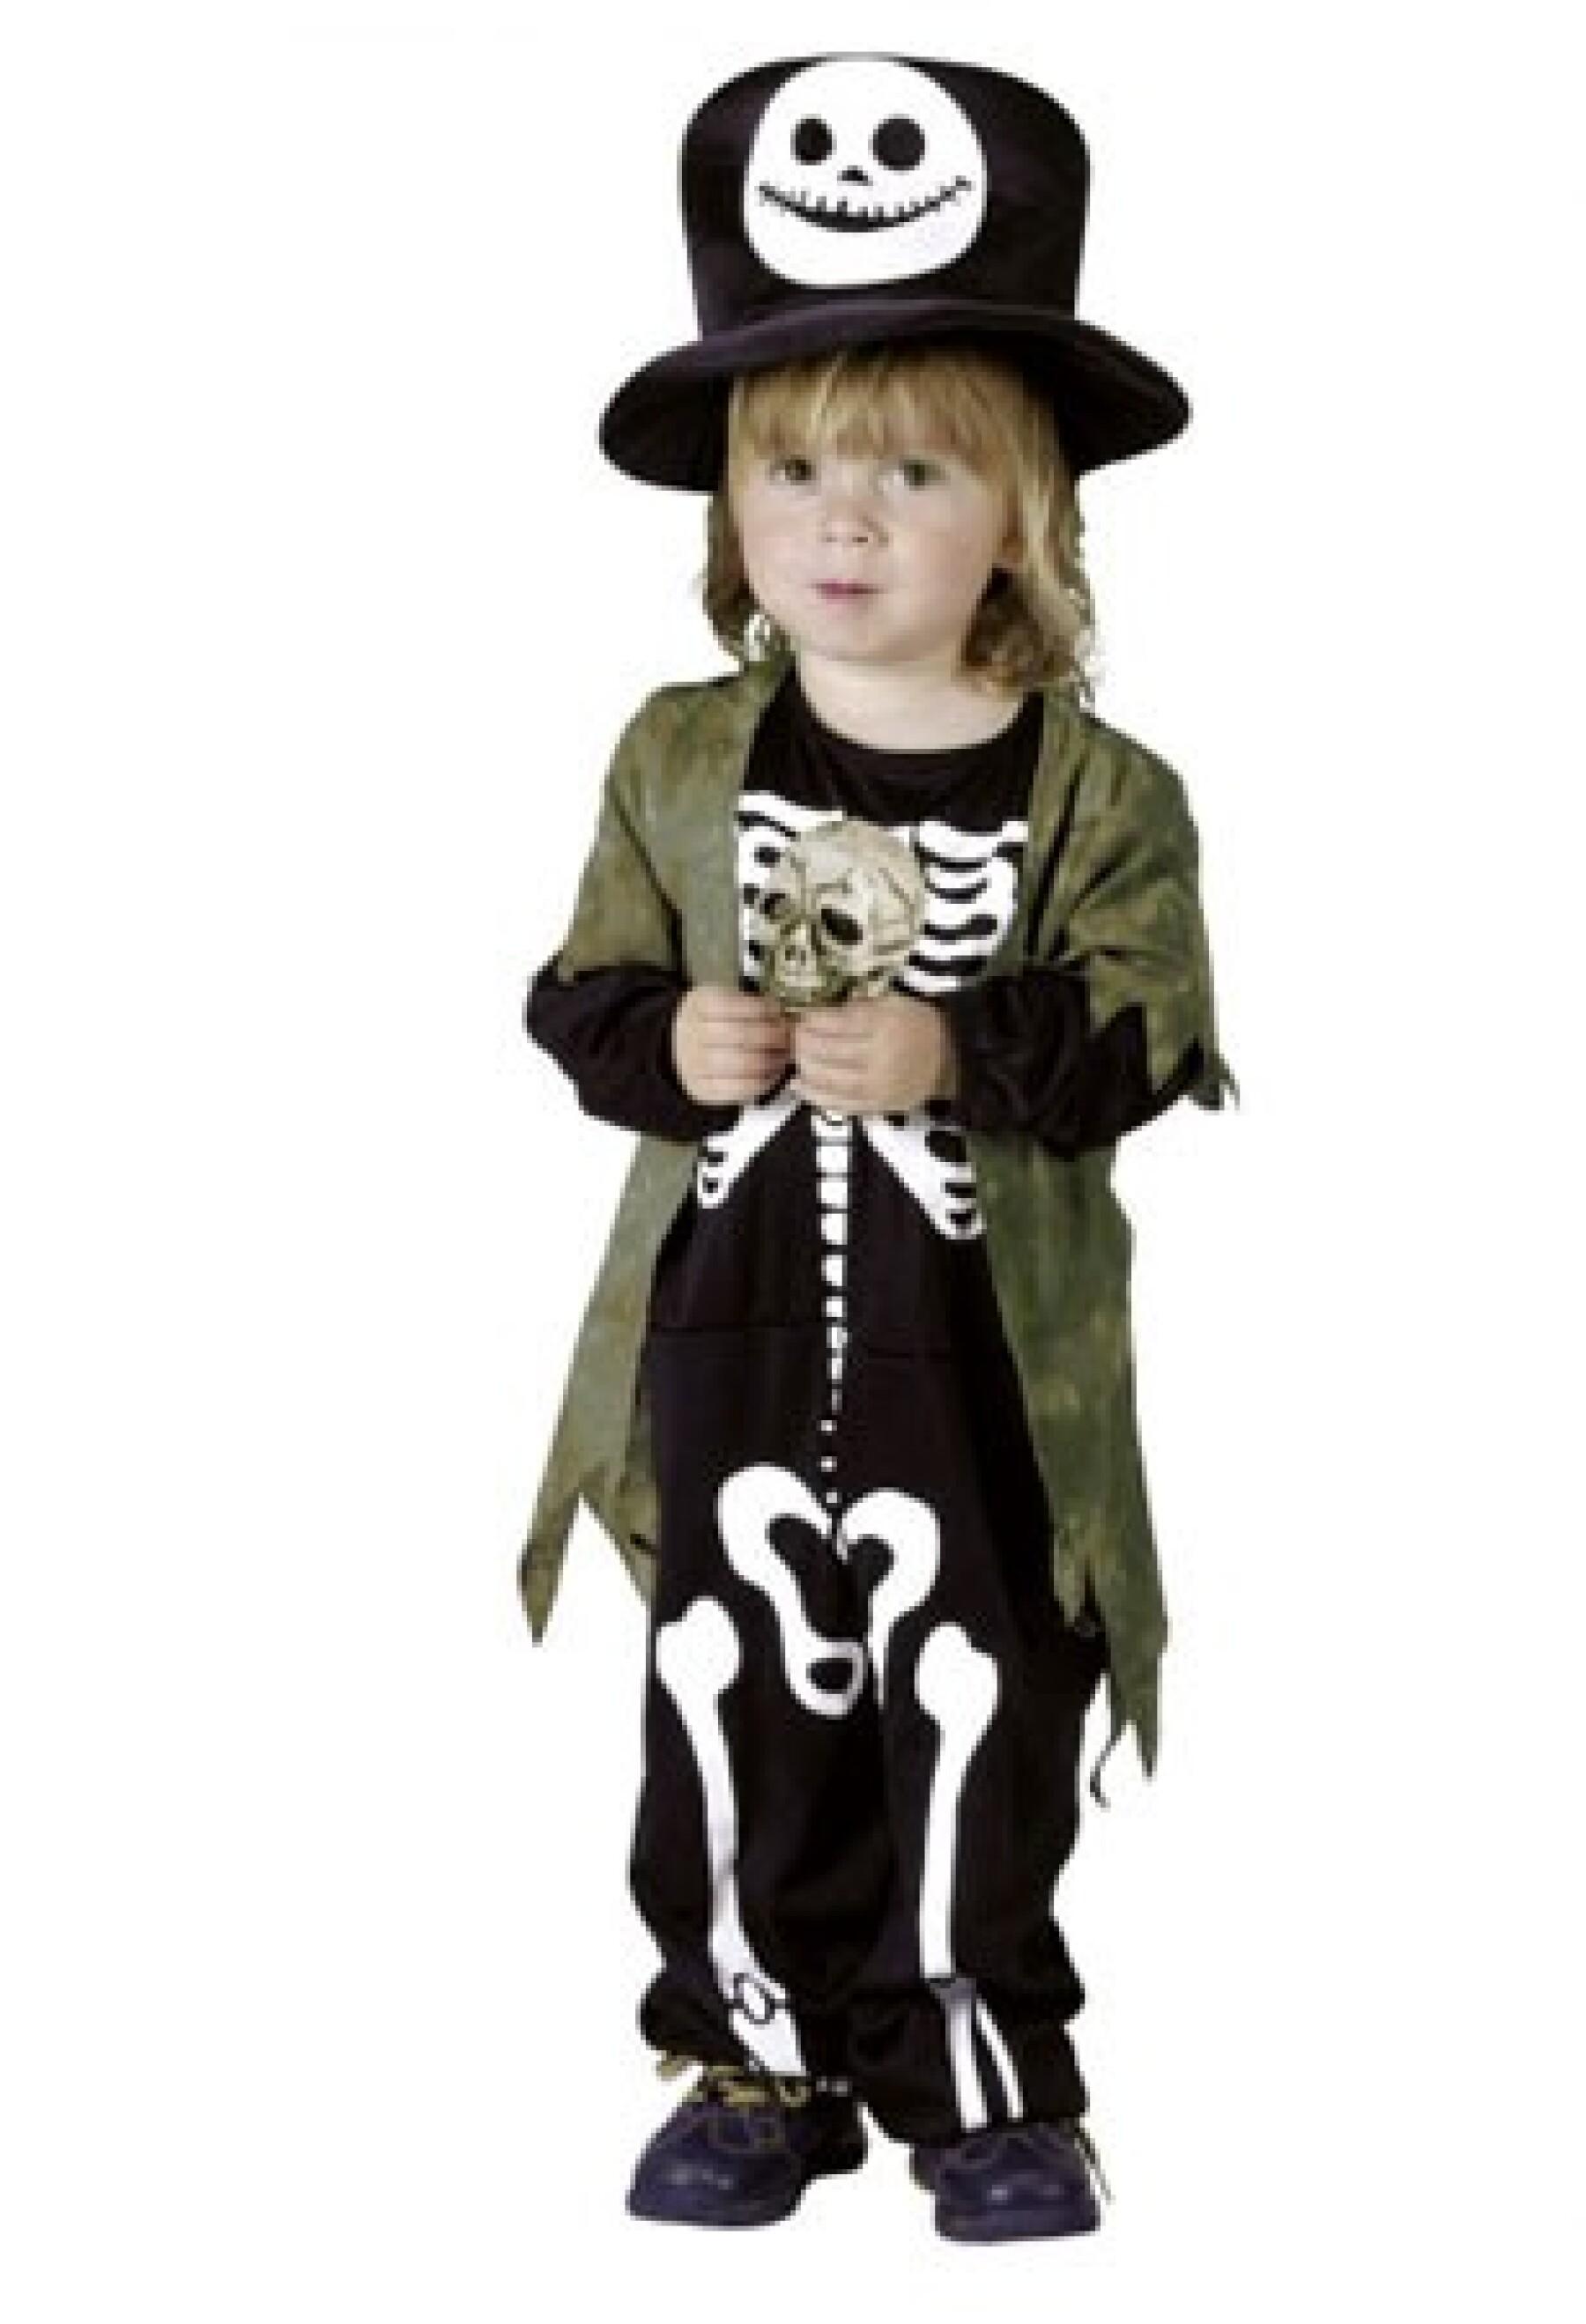 Par ici le squelette !